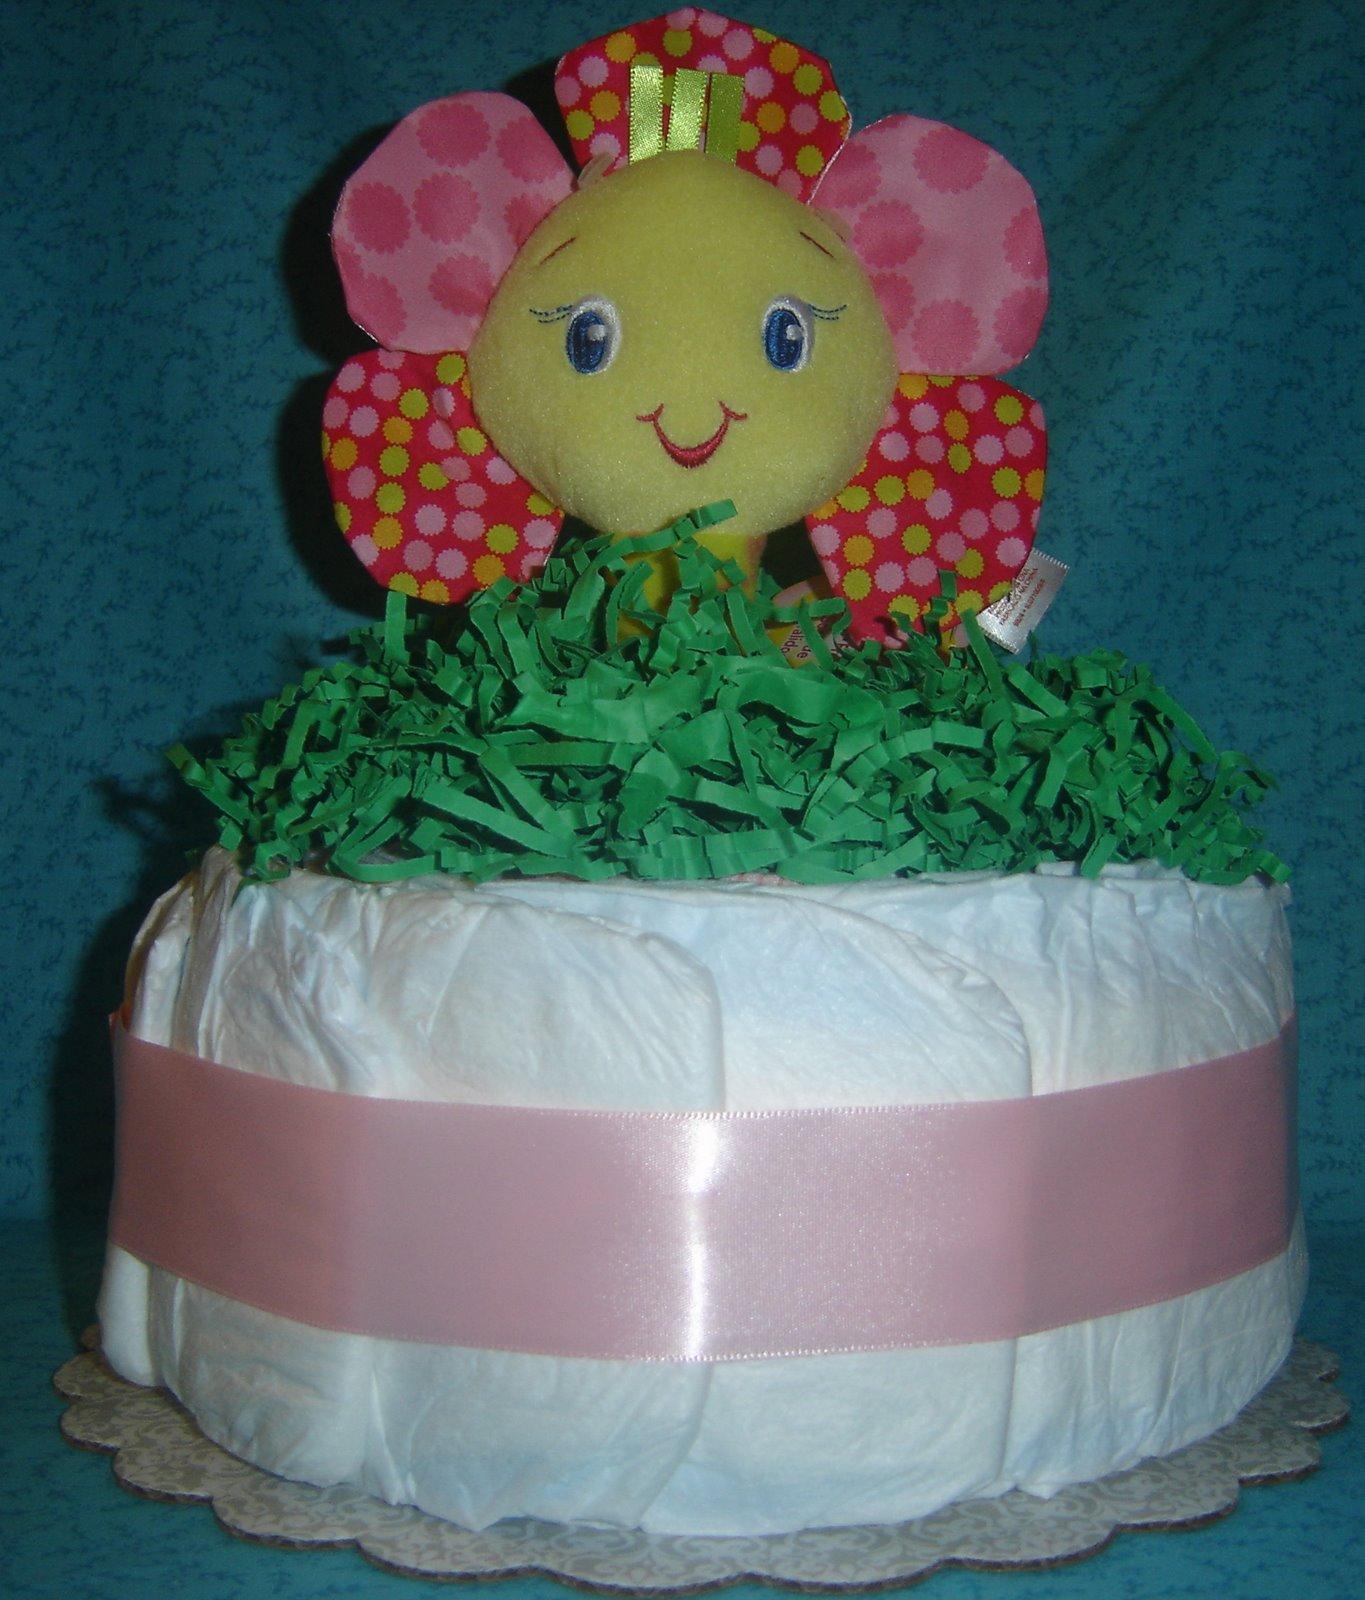 Diaper Cake for sale